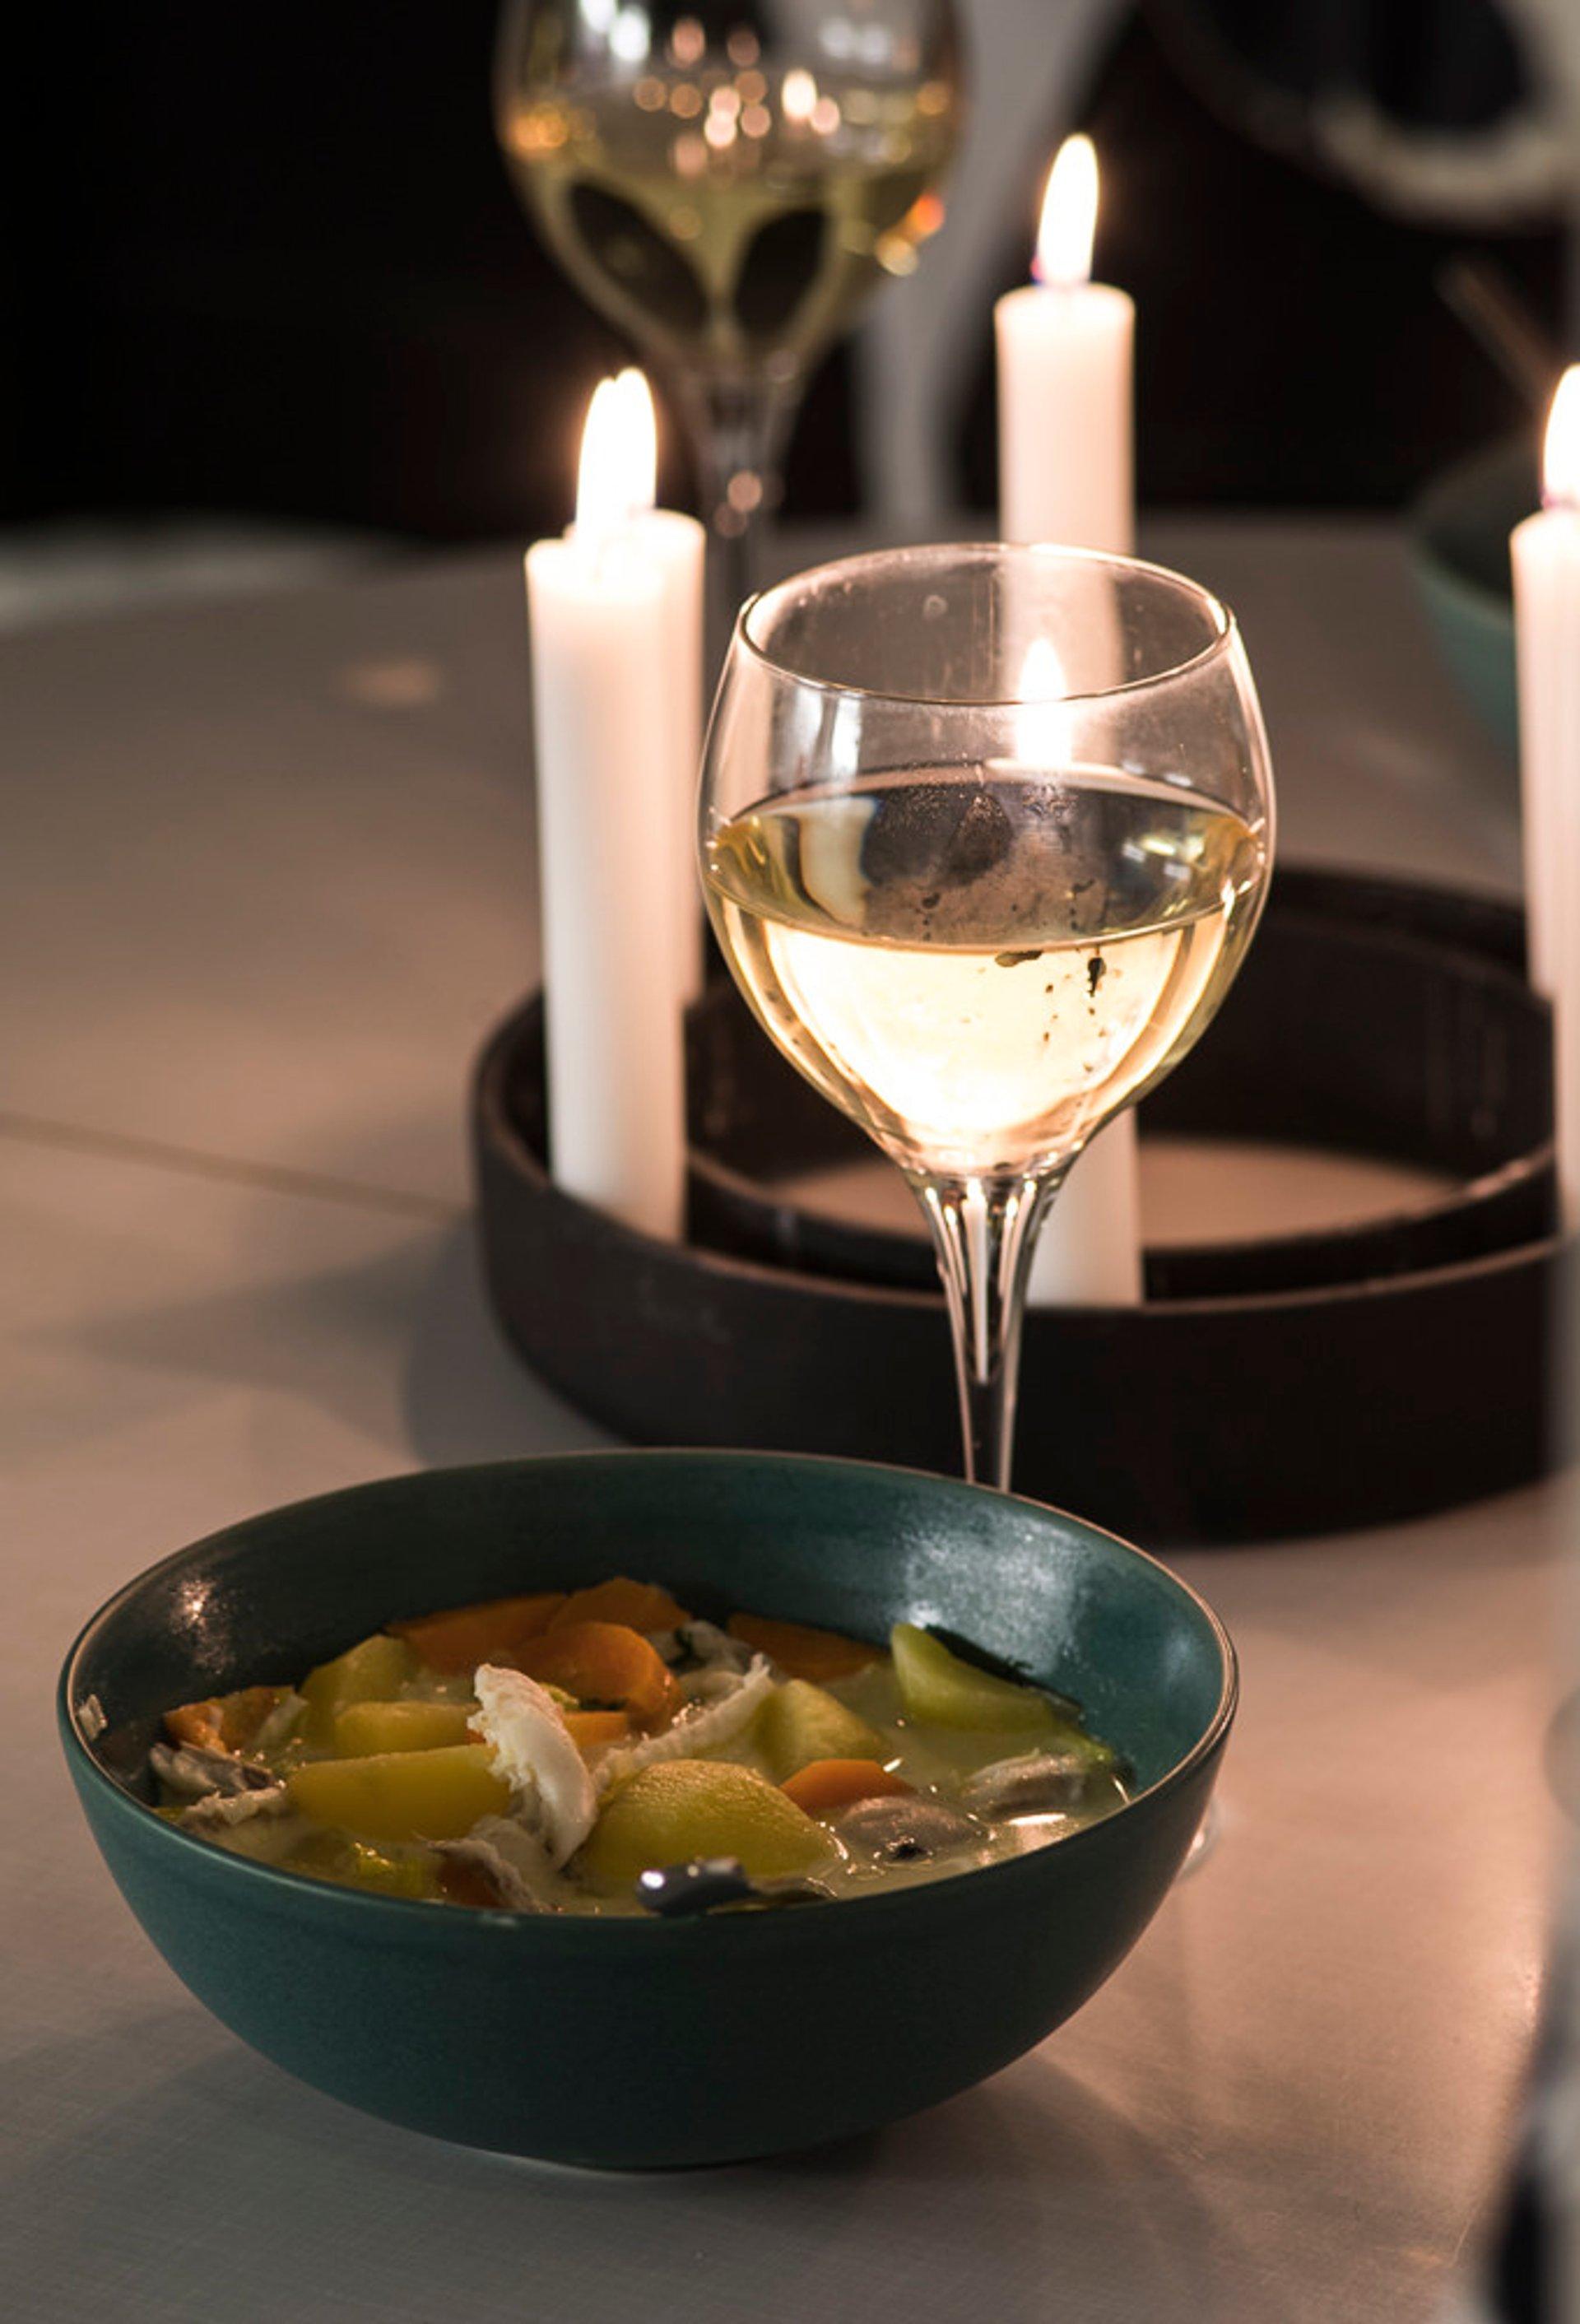 Burbot Soup in Finland - Best Season 2020